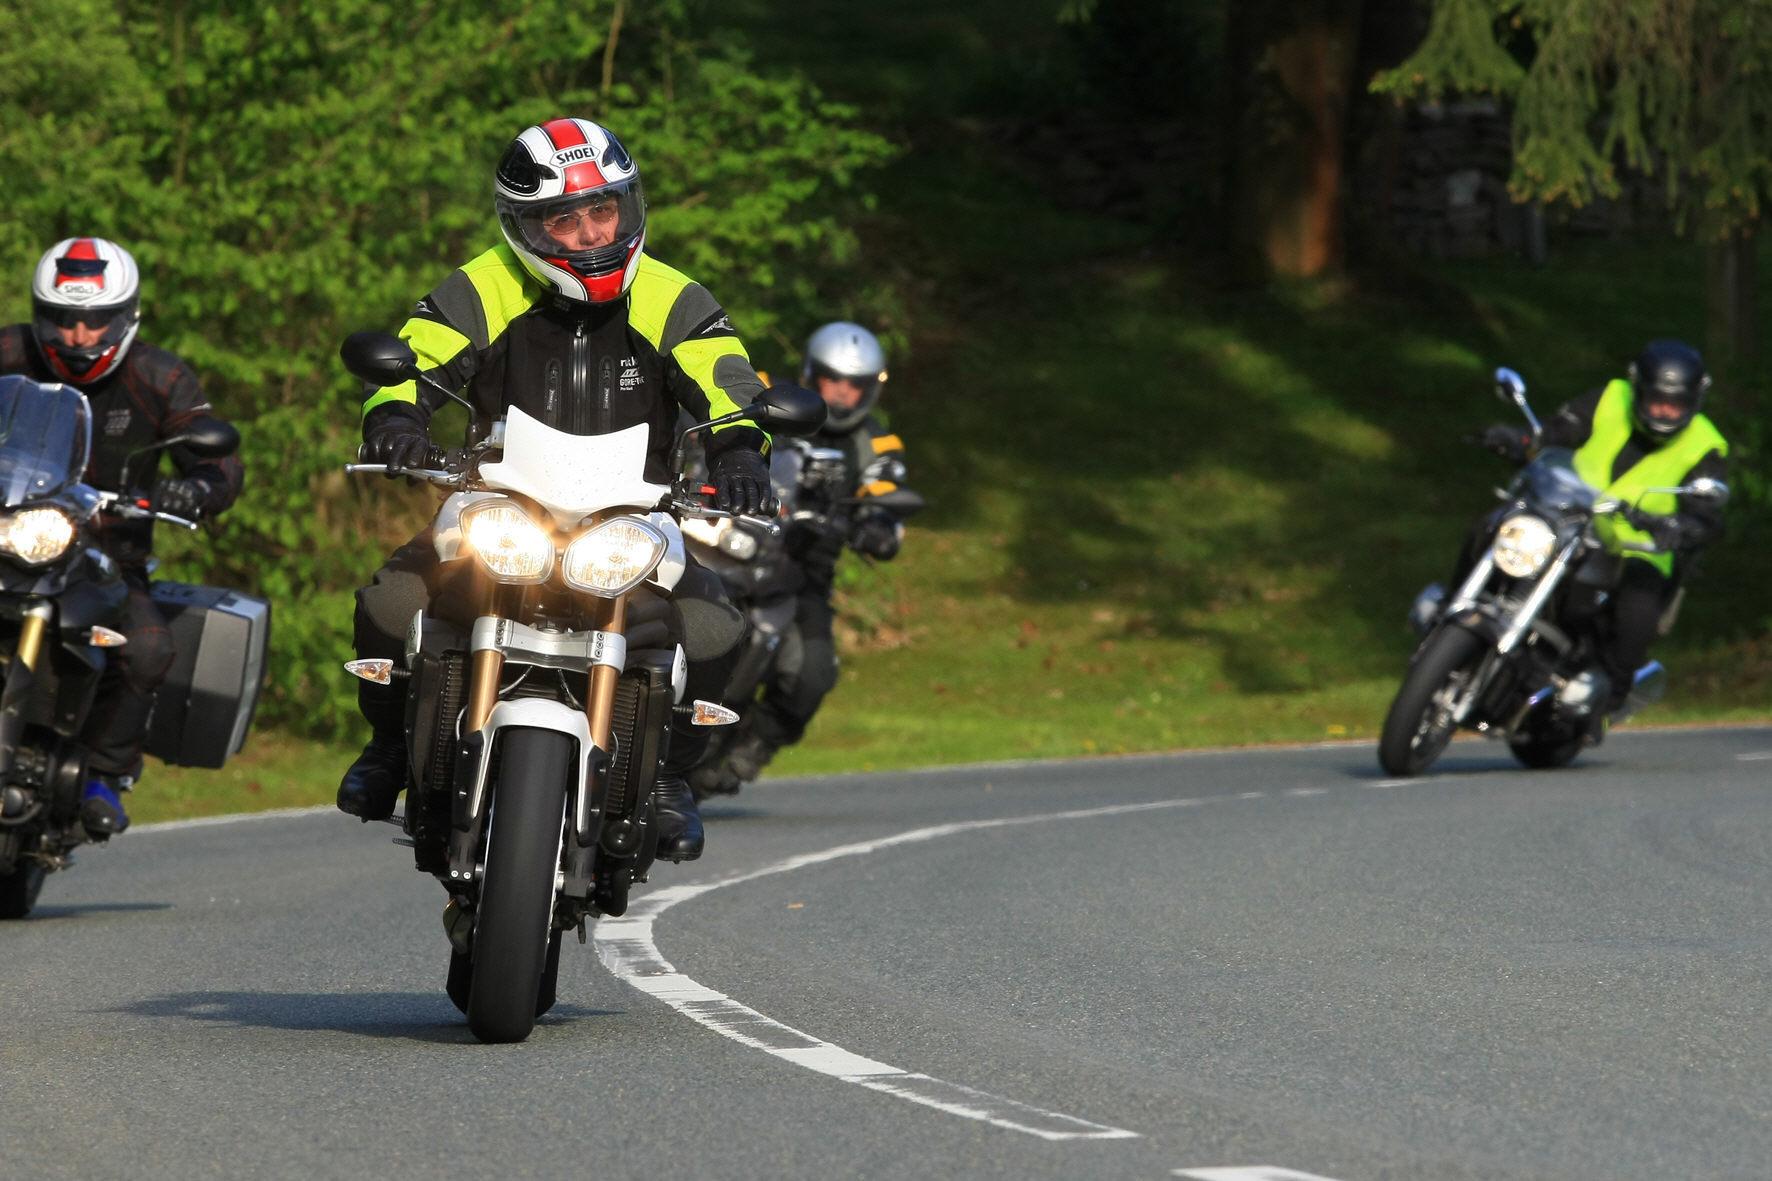 mid Groß-Gerau - Schutzkleidung ist für Biker auch im Hochsommer Pflicht.